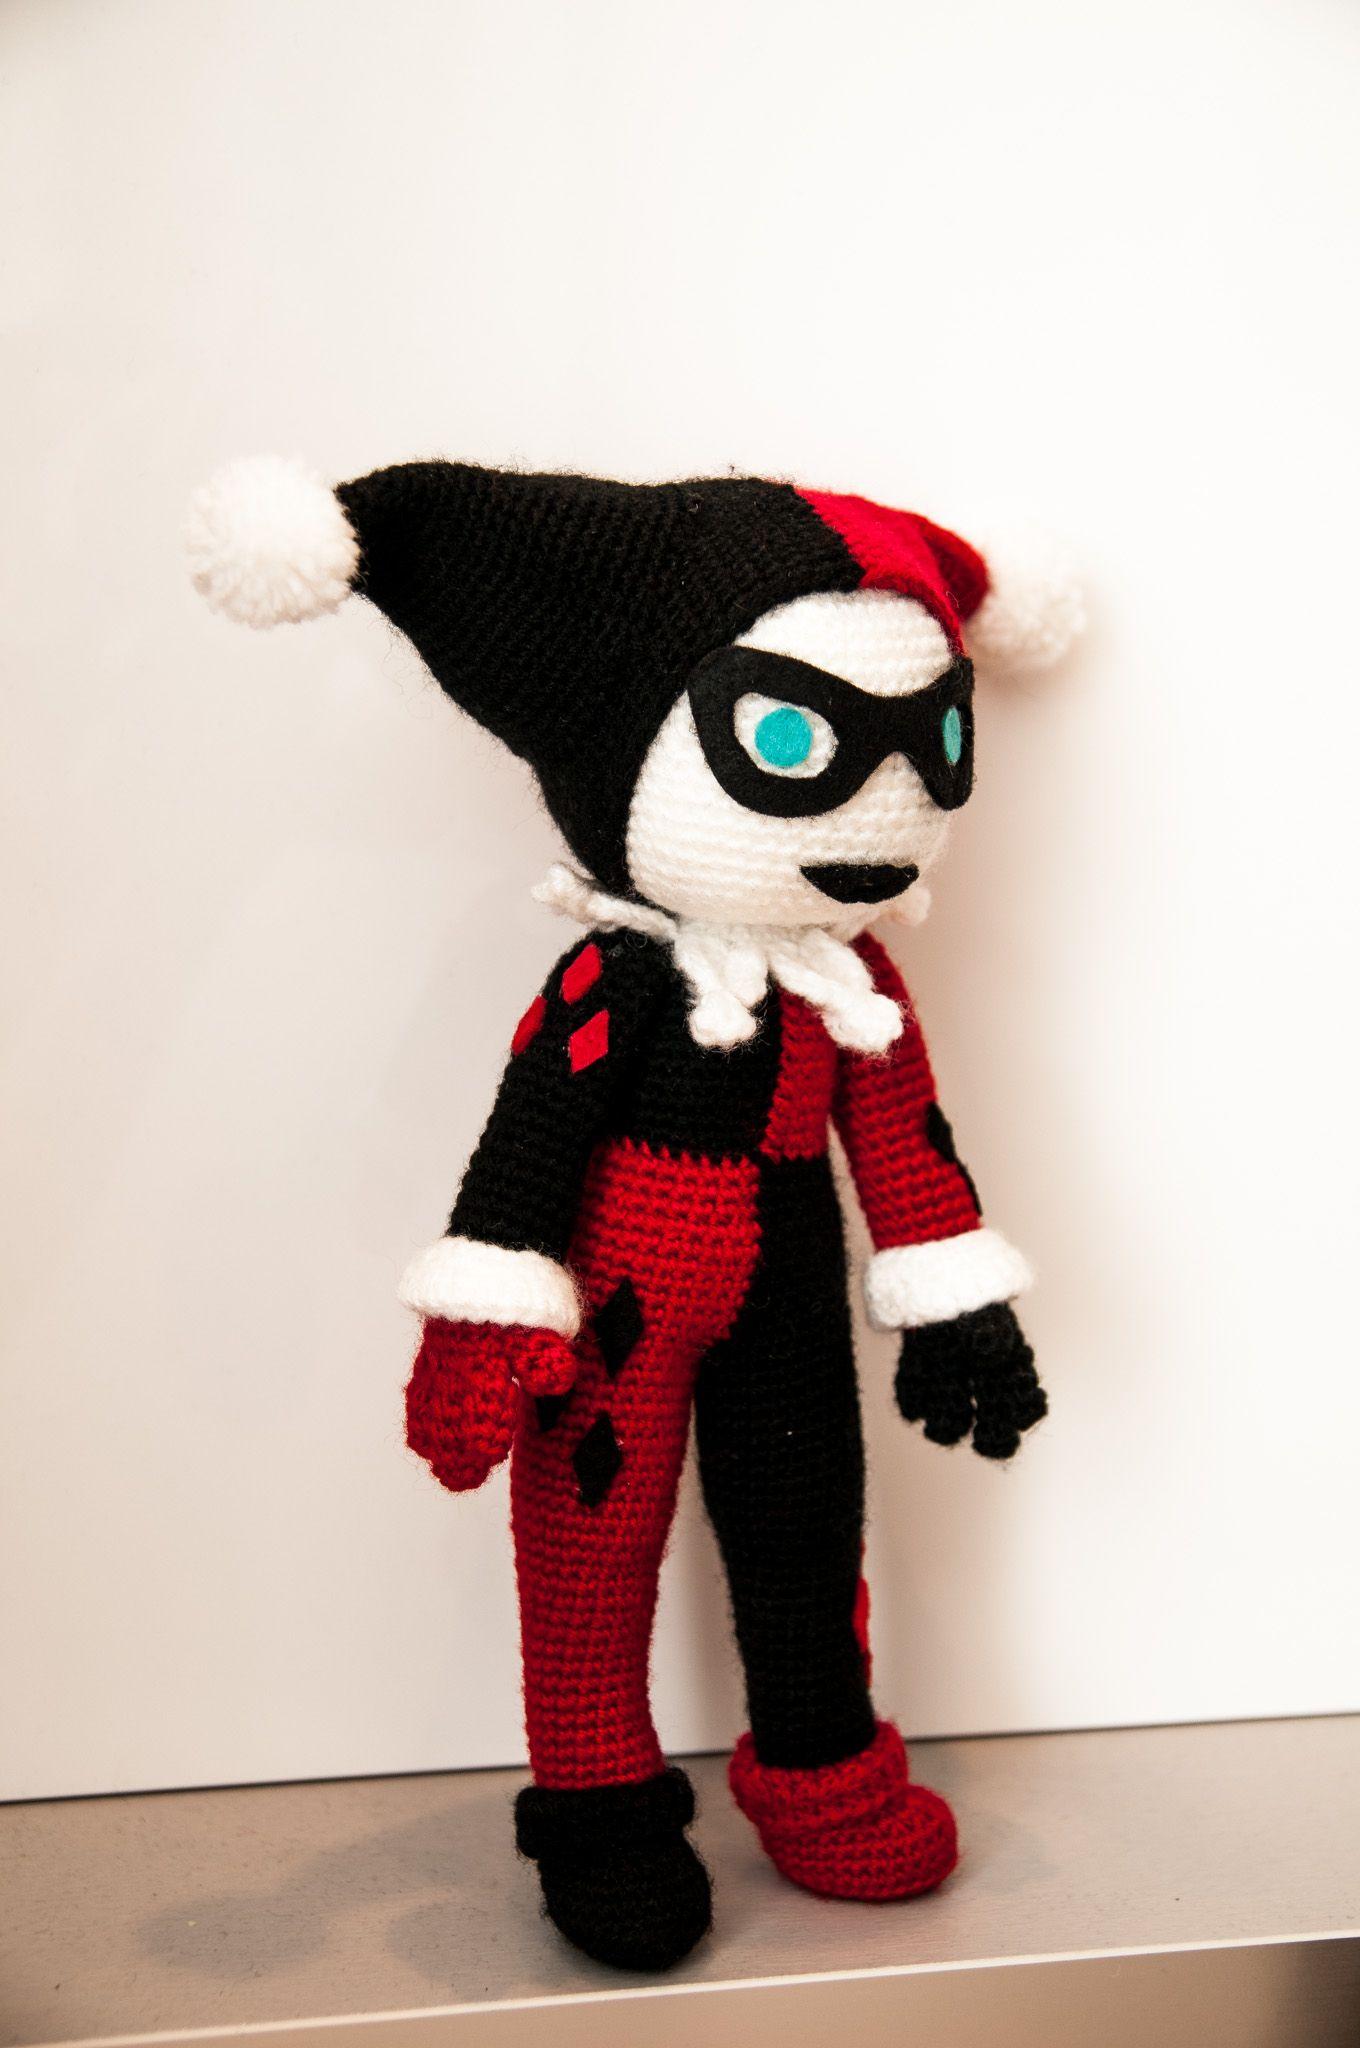 Amigurumi Harley Quinn : HARLEY QUINN La Fee Crochette DIY & Crafts that I love ...